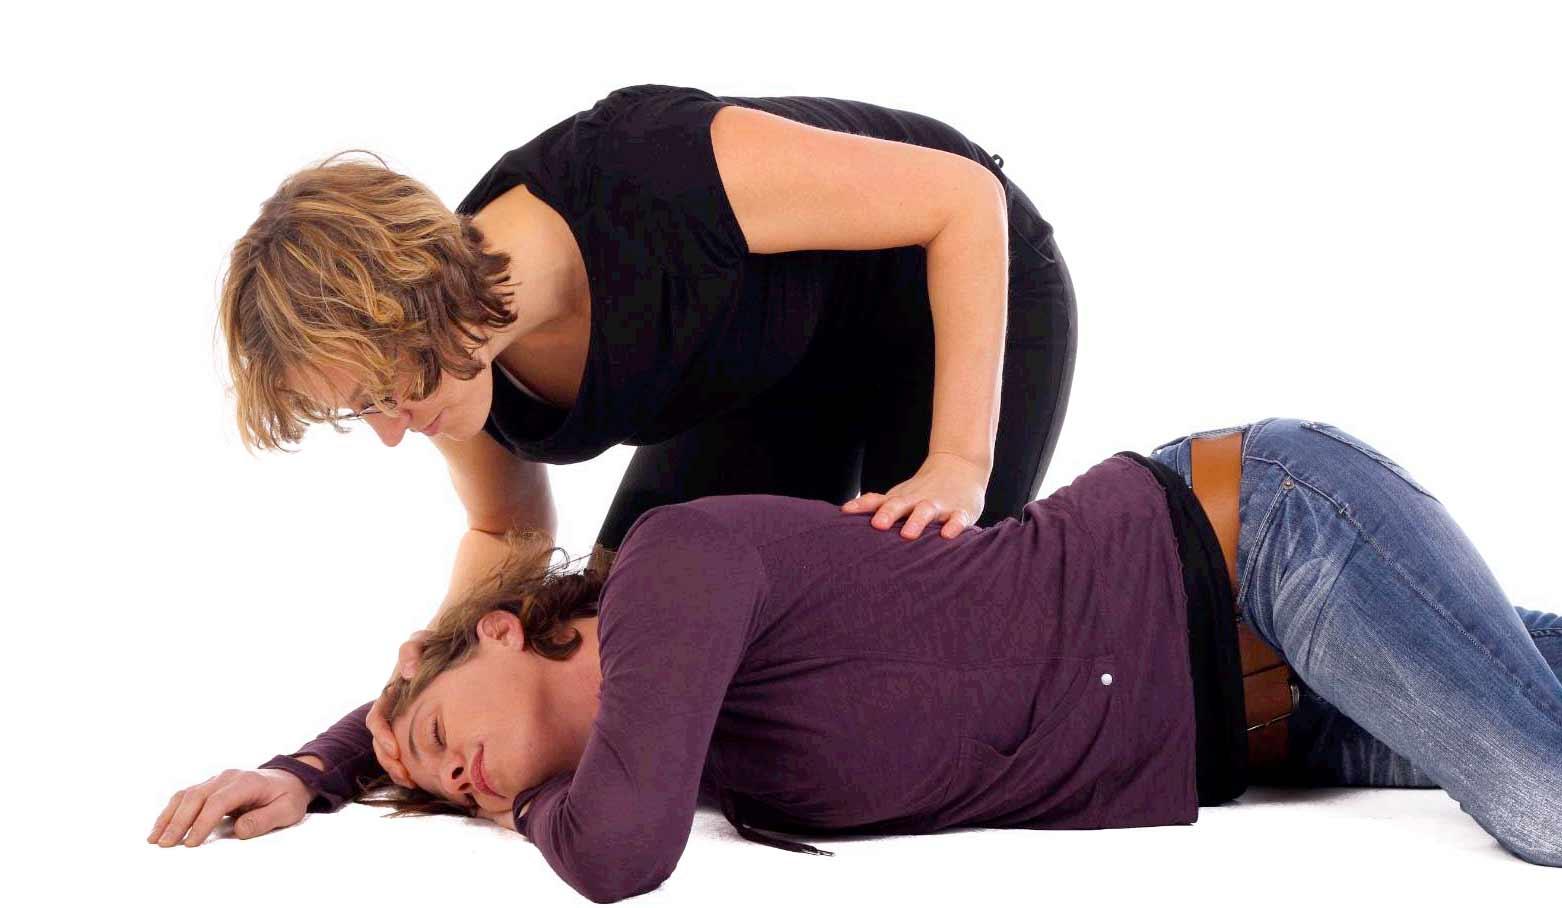 Конвульсии - это мышечные спазмы: причины, первая помощь и лечение